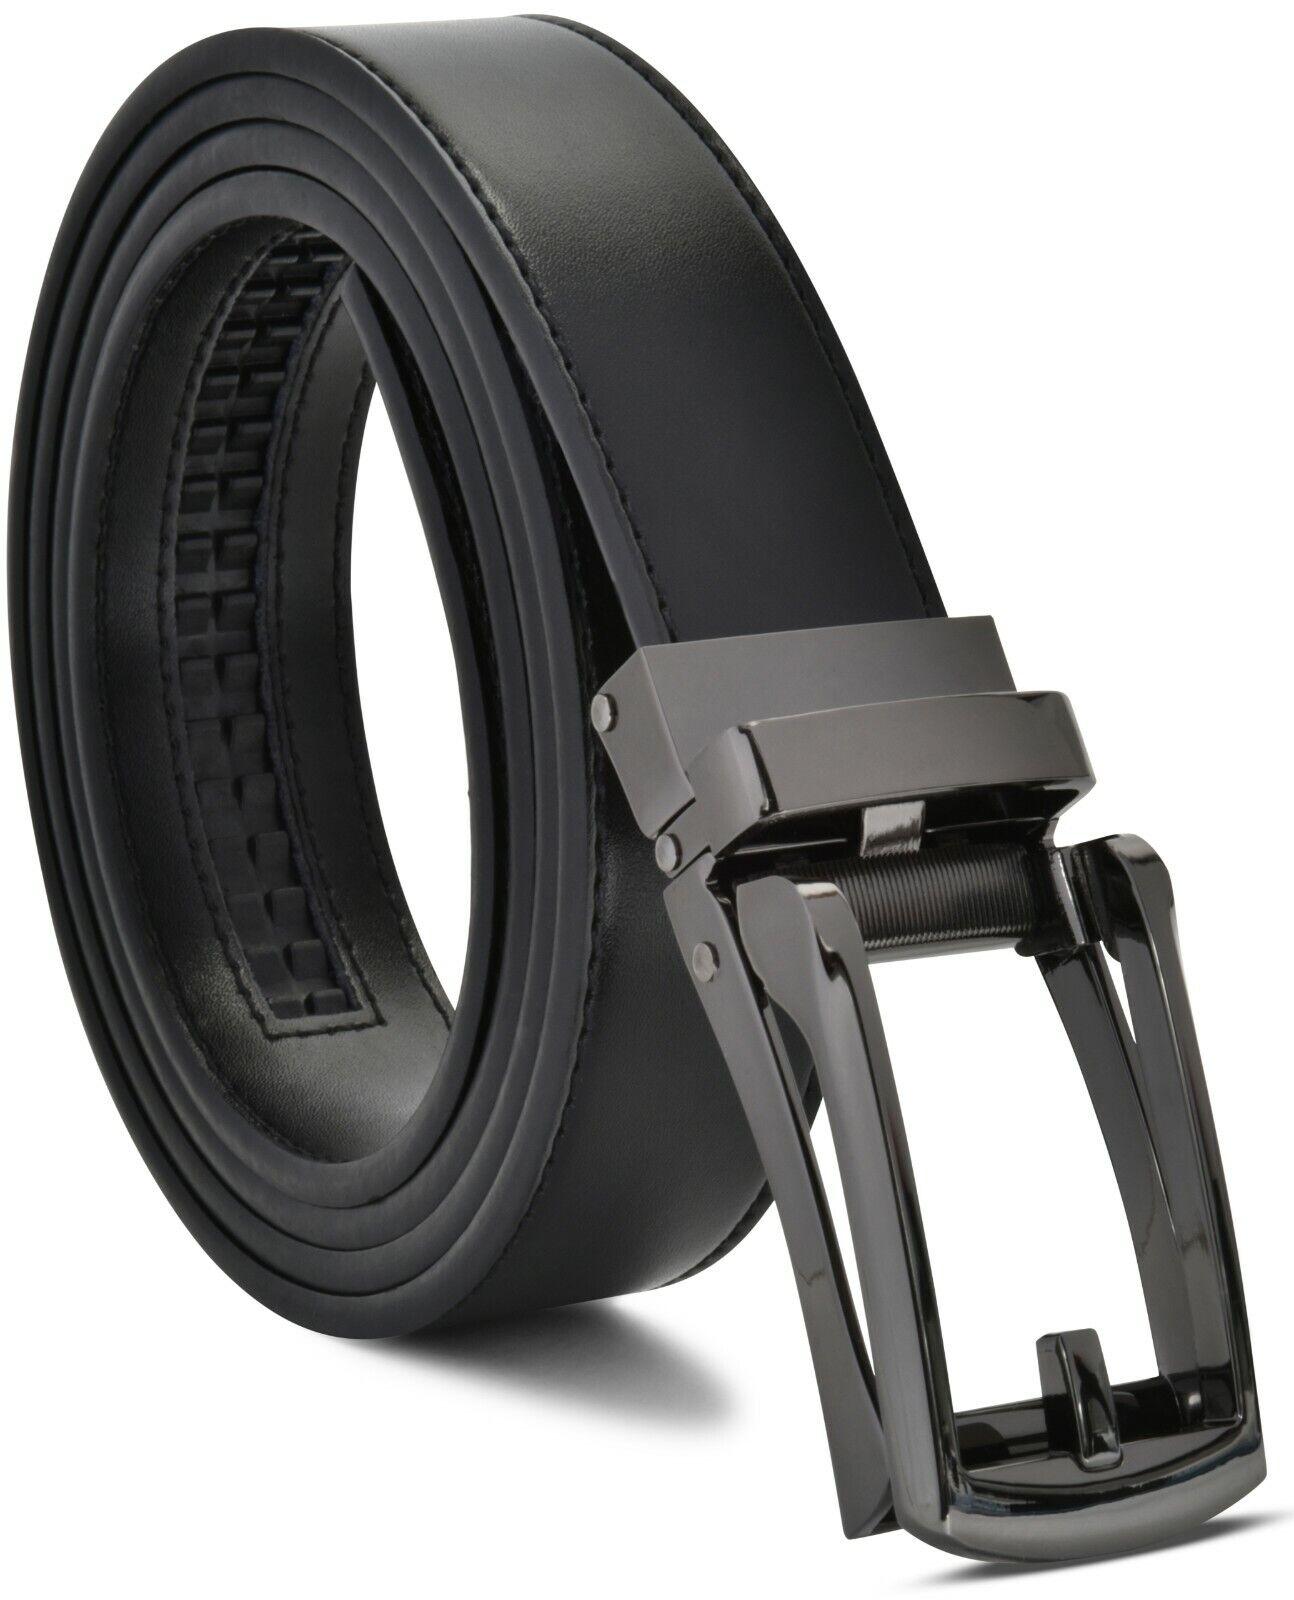 Men's Ratchet Belt Genuine Leather Mens Belt with Slide Ratc